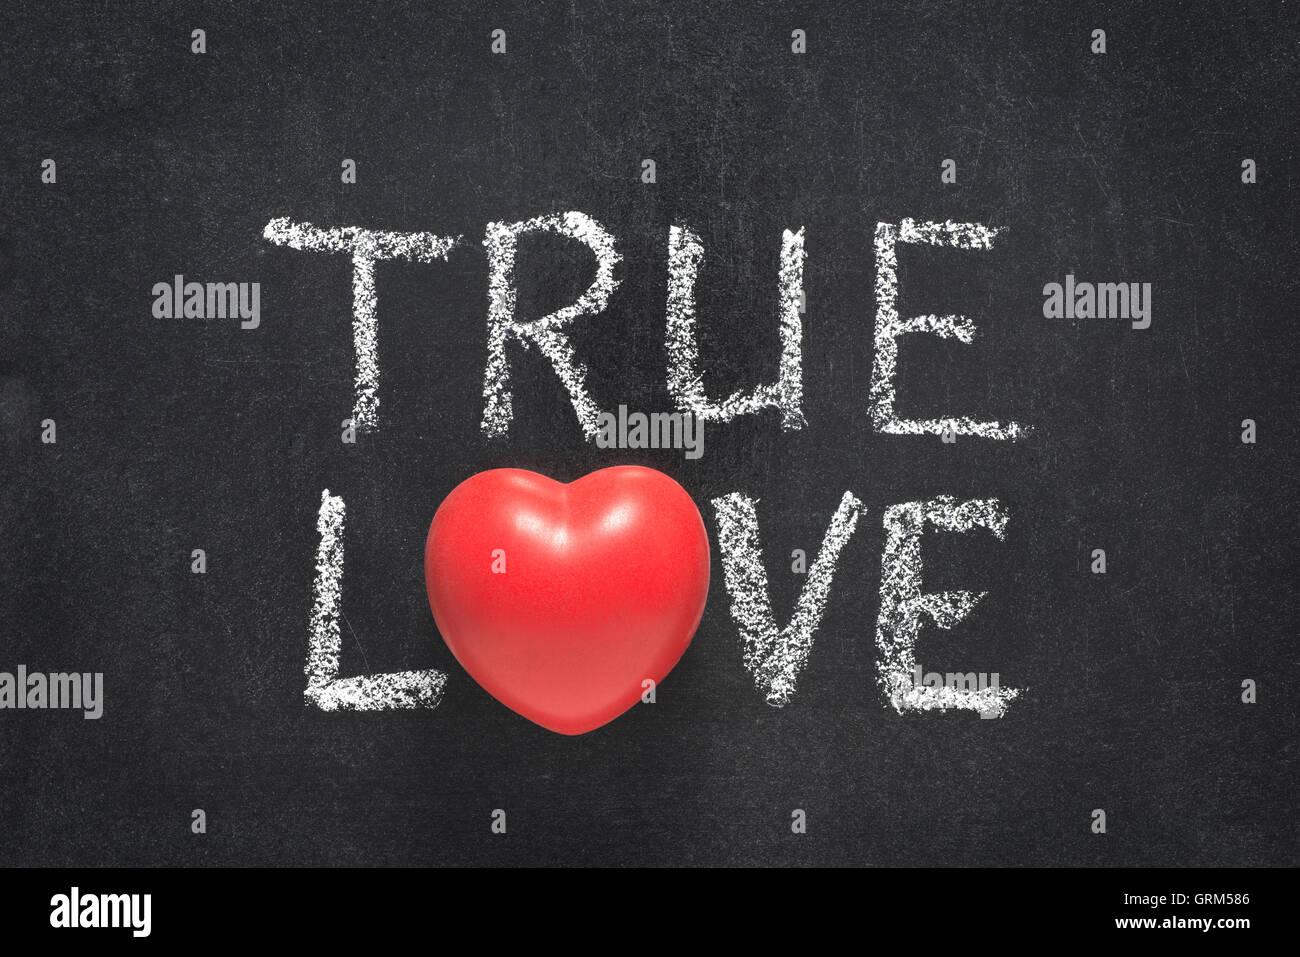 Frase De Amor Verdadero Manuscrito En Pizarra Con El Simbolo Del